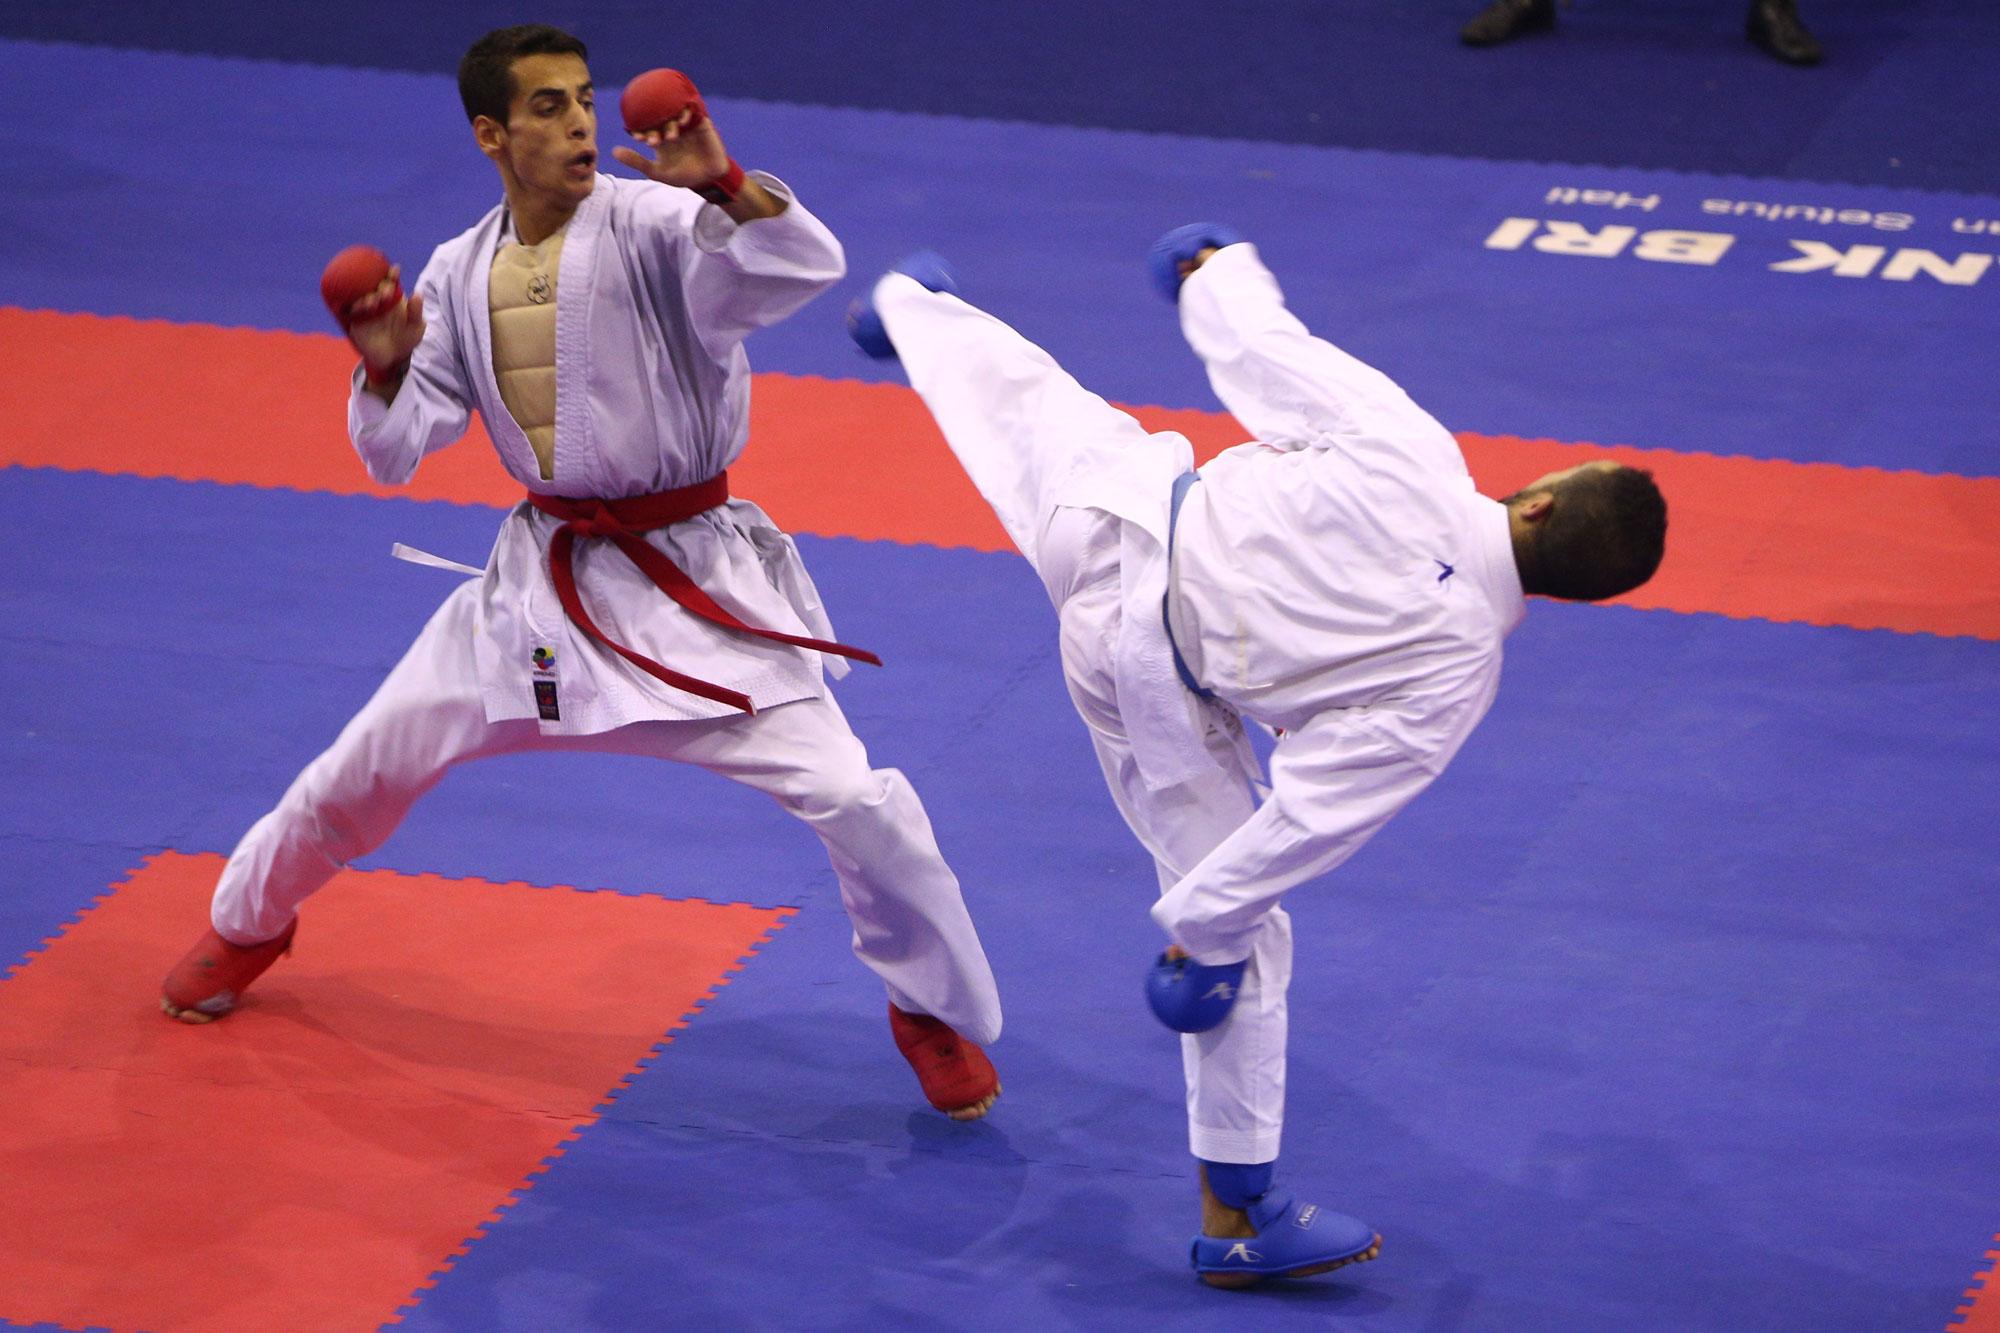 حضور 10 کشور در کمپ تمرینی کاراته ایتالیا